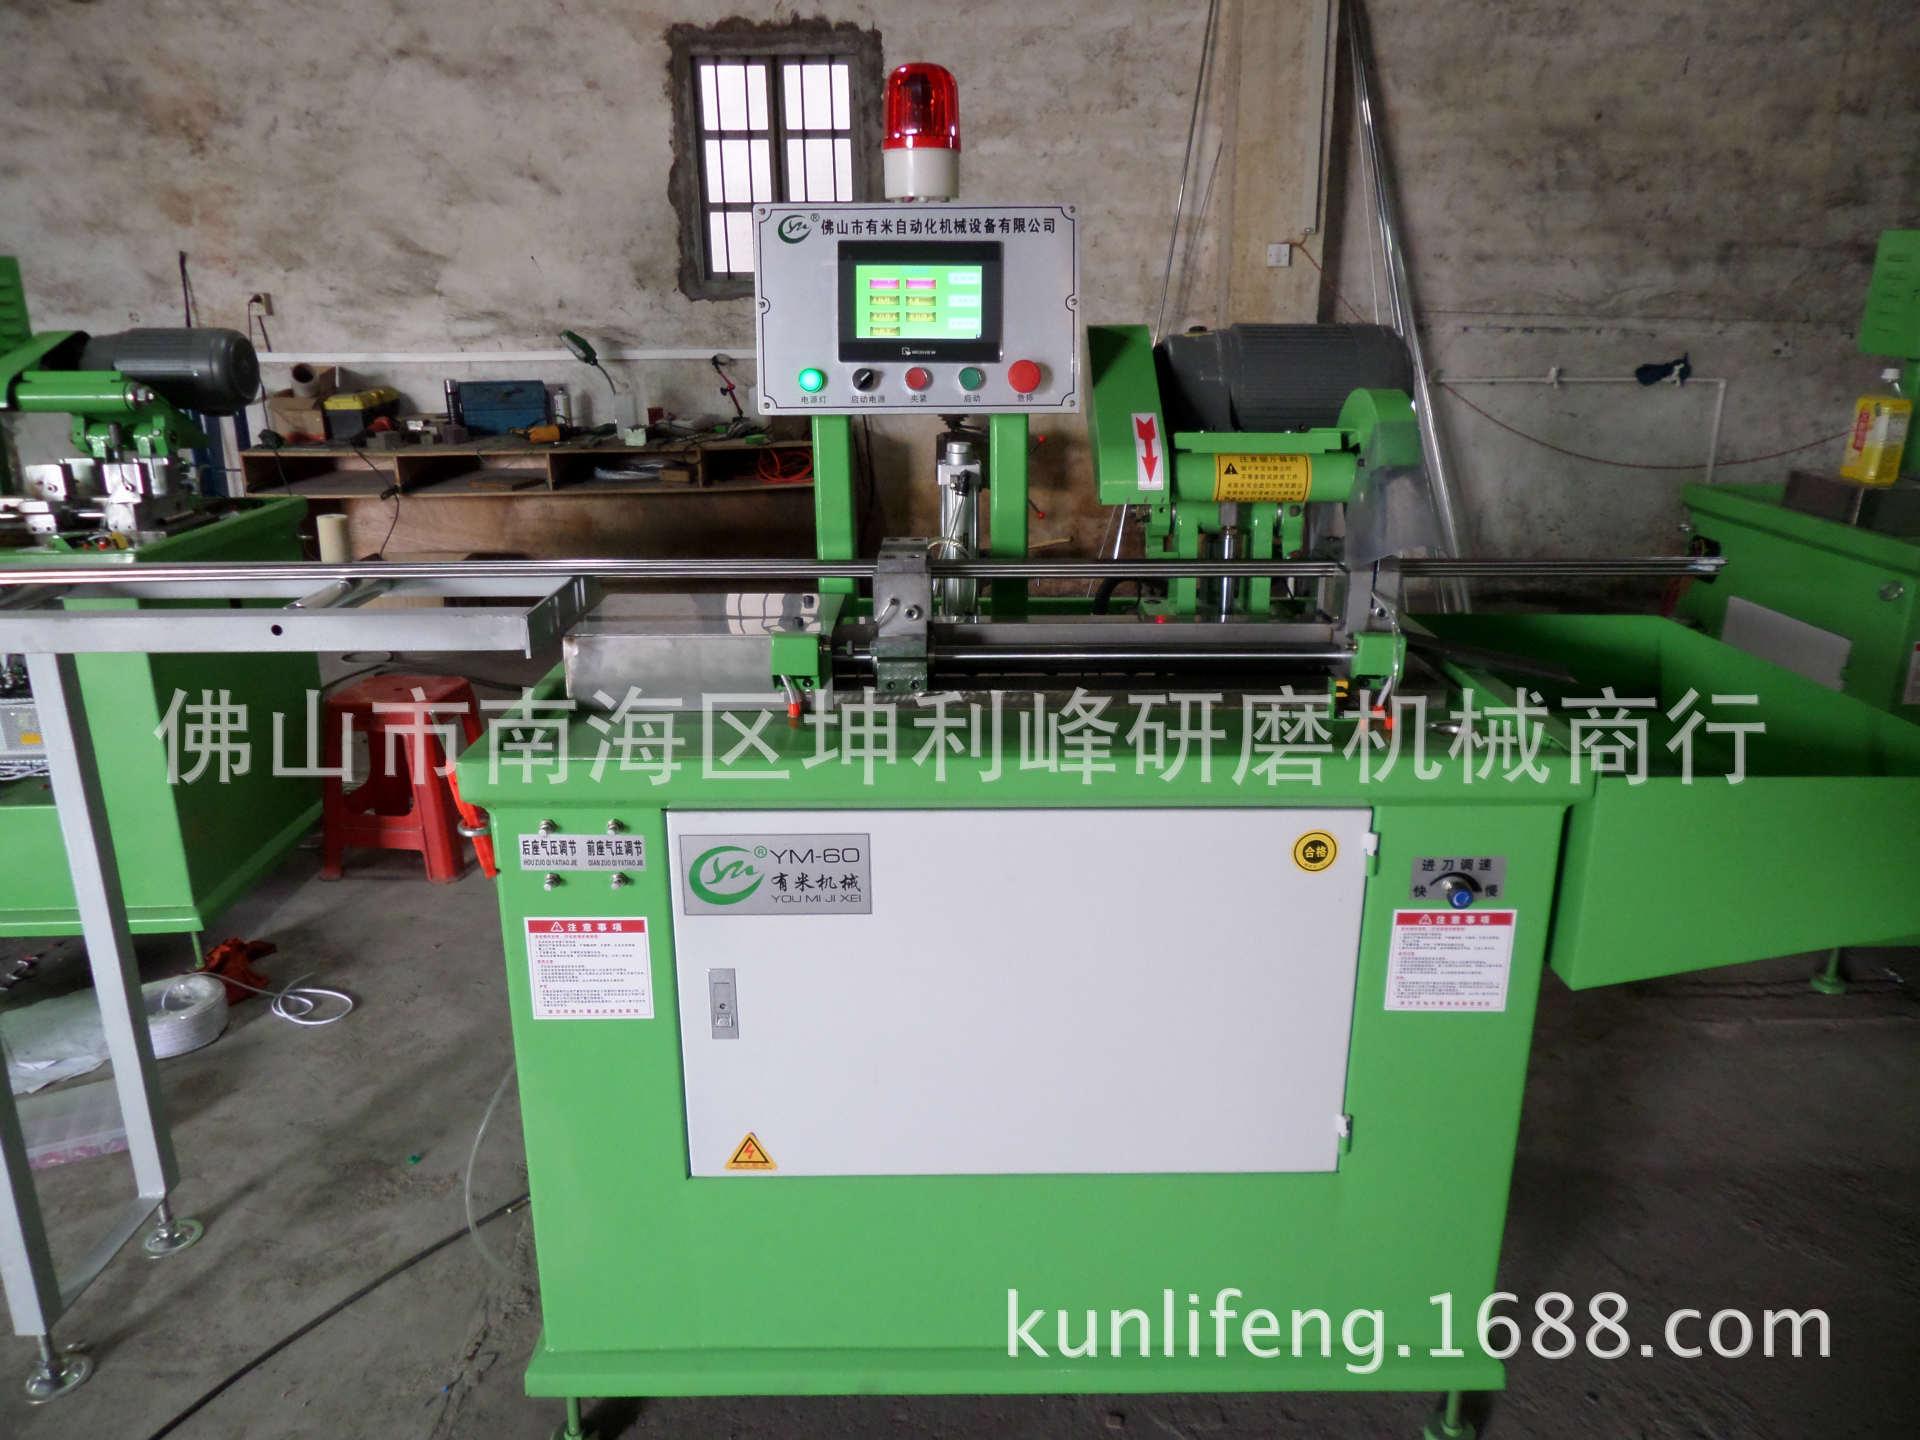 全自动金属切管机 全自动送料切管机 优质水磨切割机 切管机